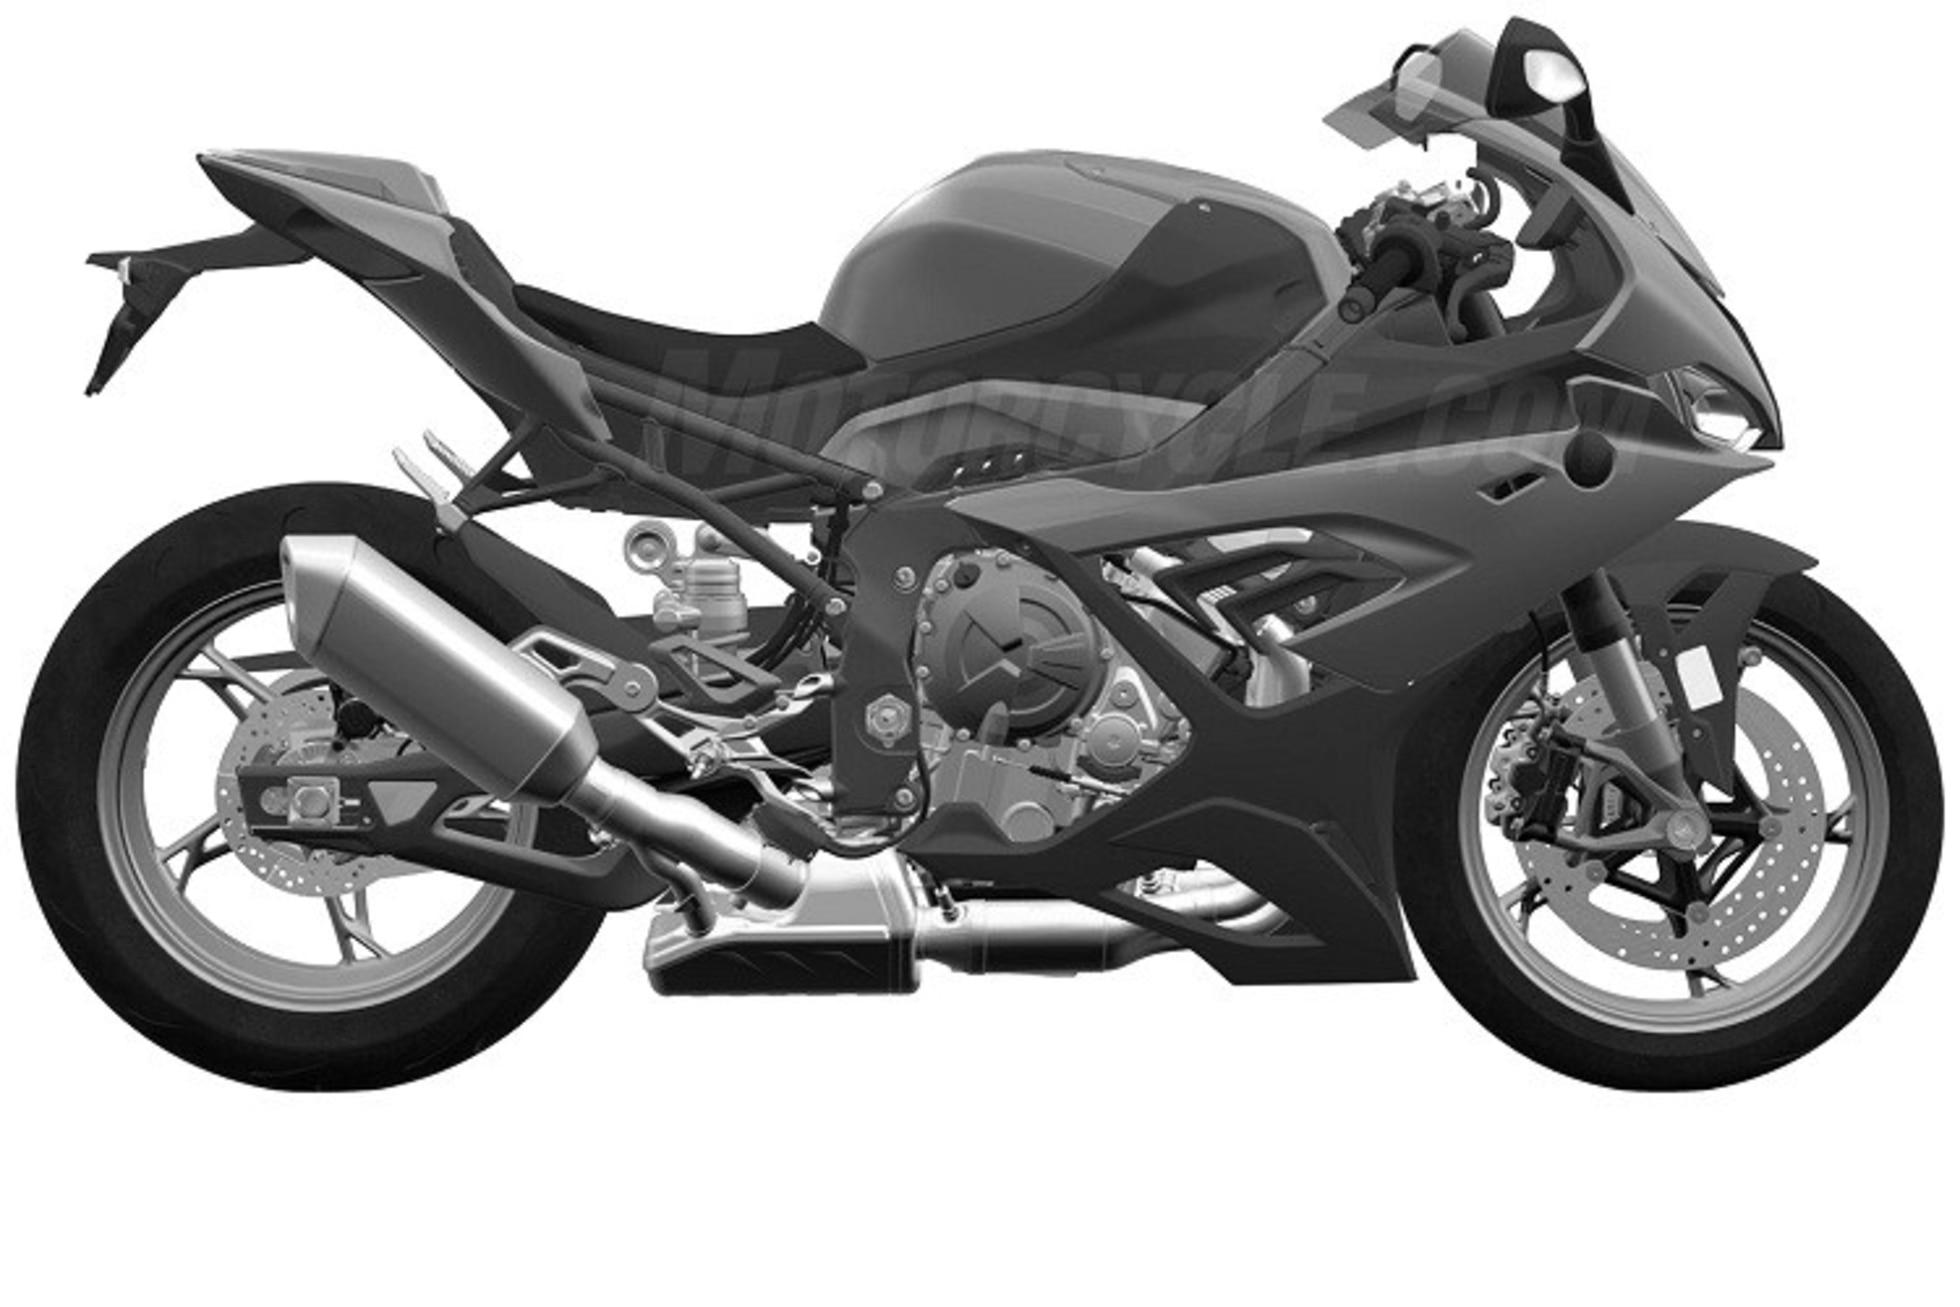 Peinliches Promo Video über Die Neue Bmw S1000rr Superbike Wm Speedweek Com